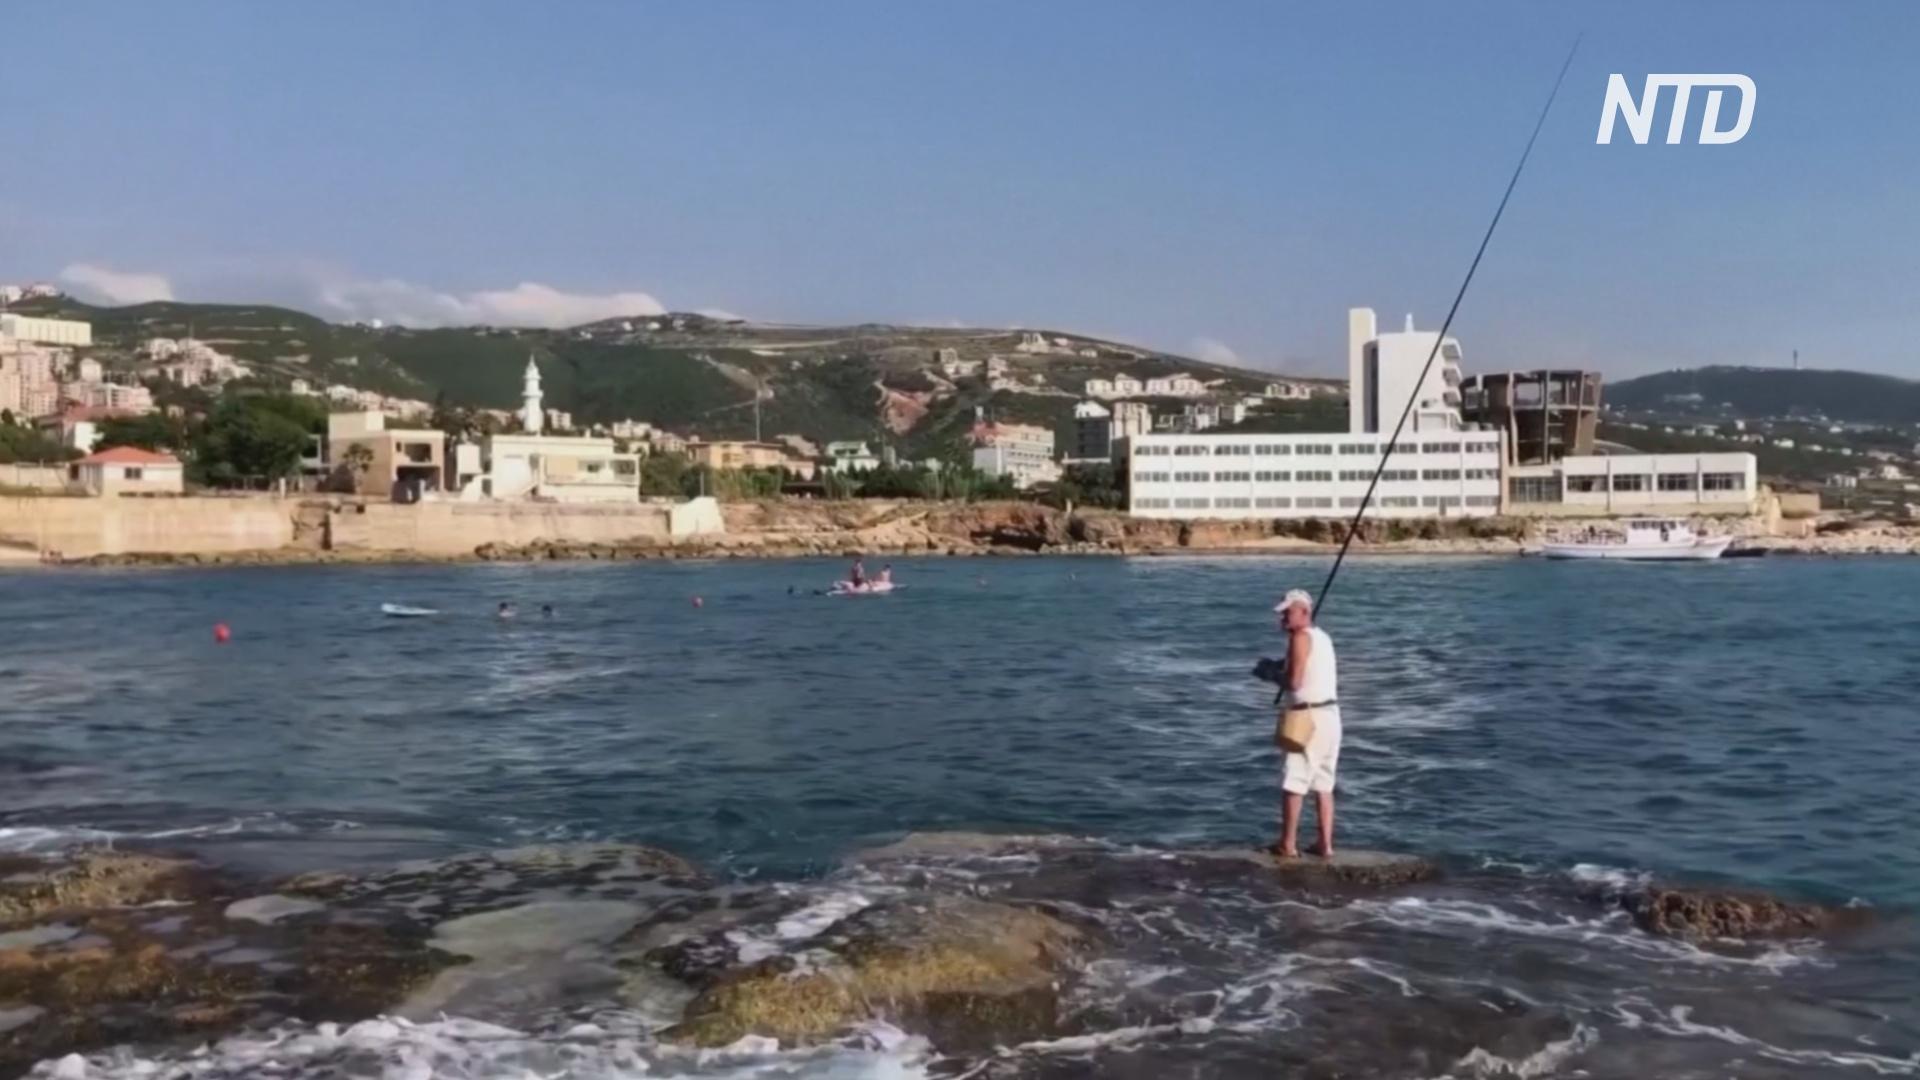 Почему ливанский город Эль-Батрун процветает на фоне экономического кризиса